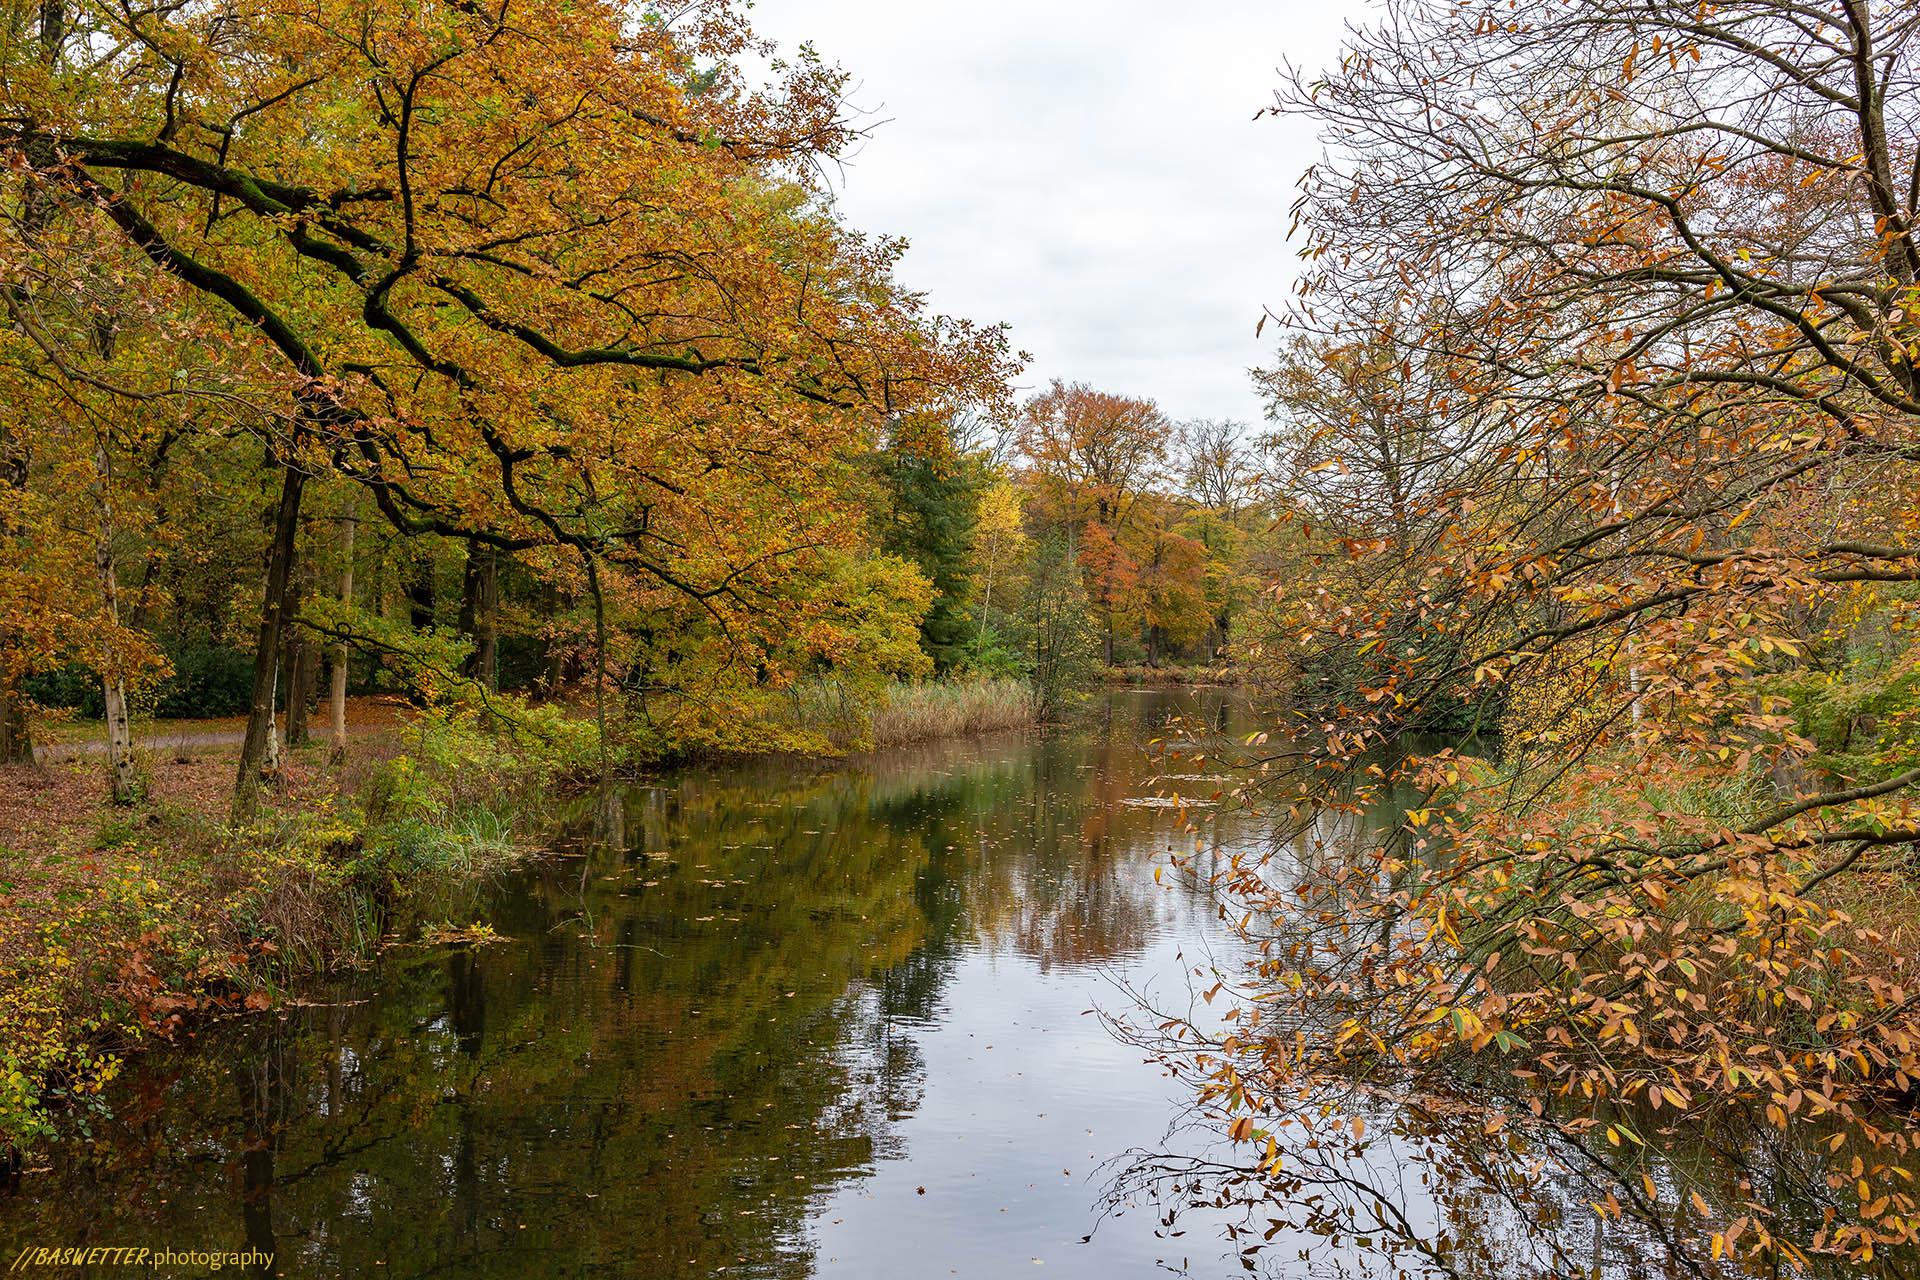 Herfst op de landgoederen rond Bussum